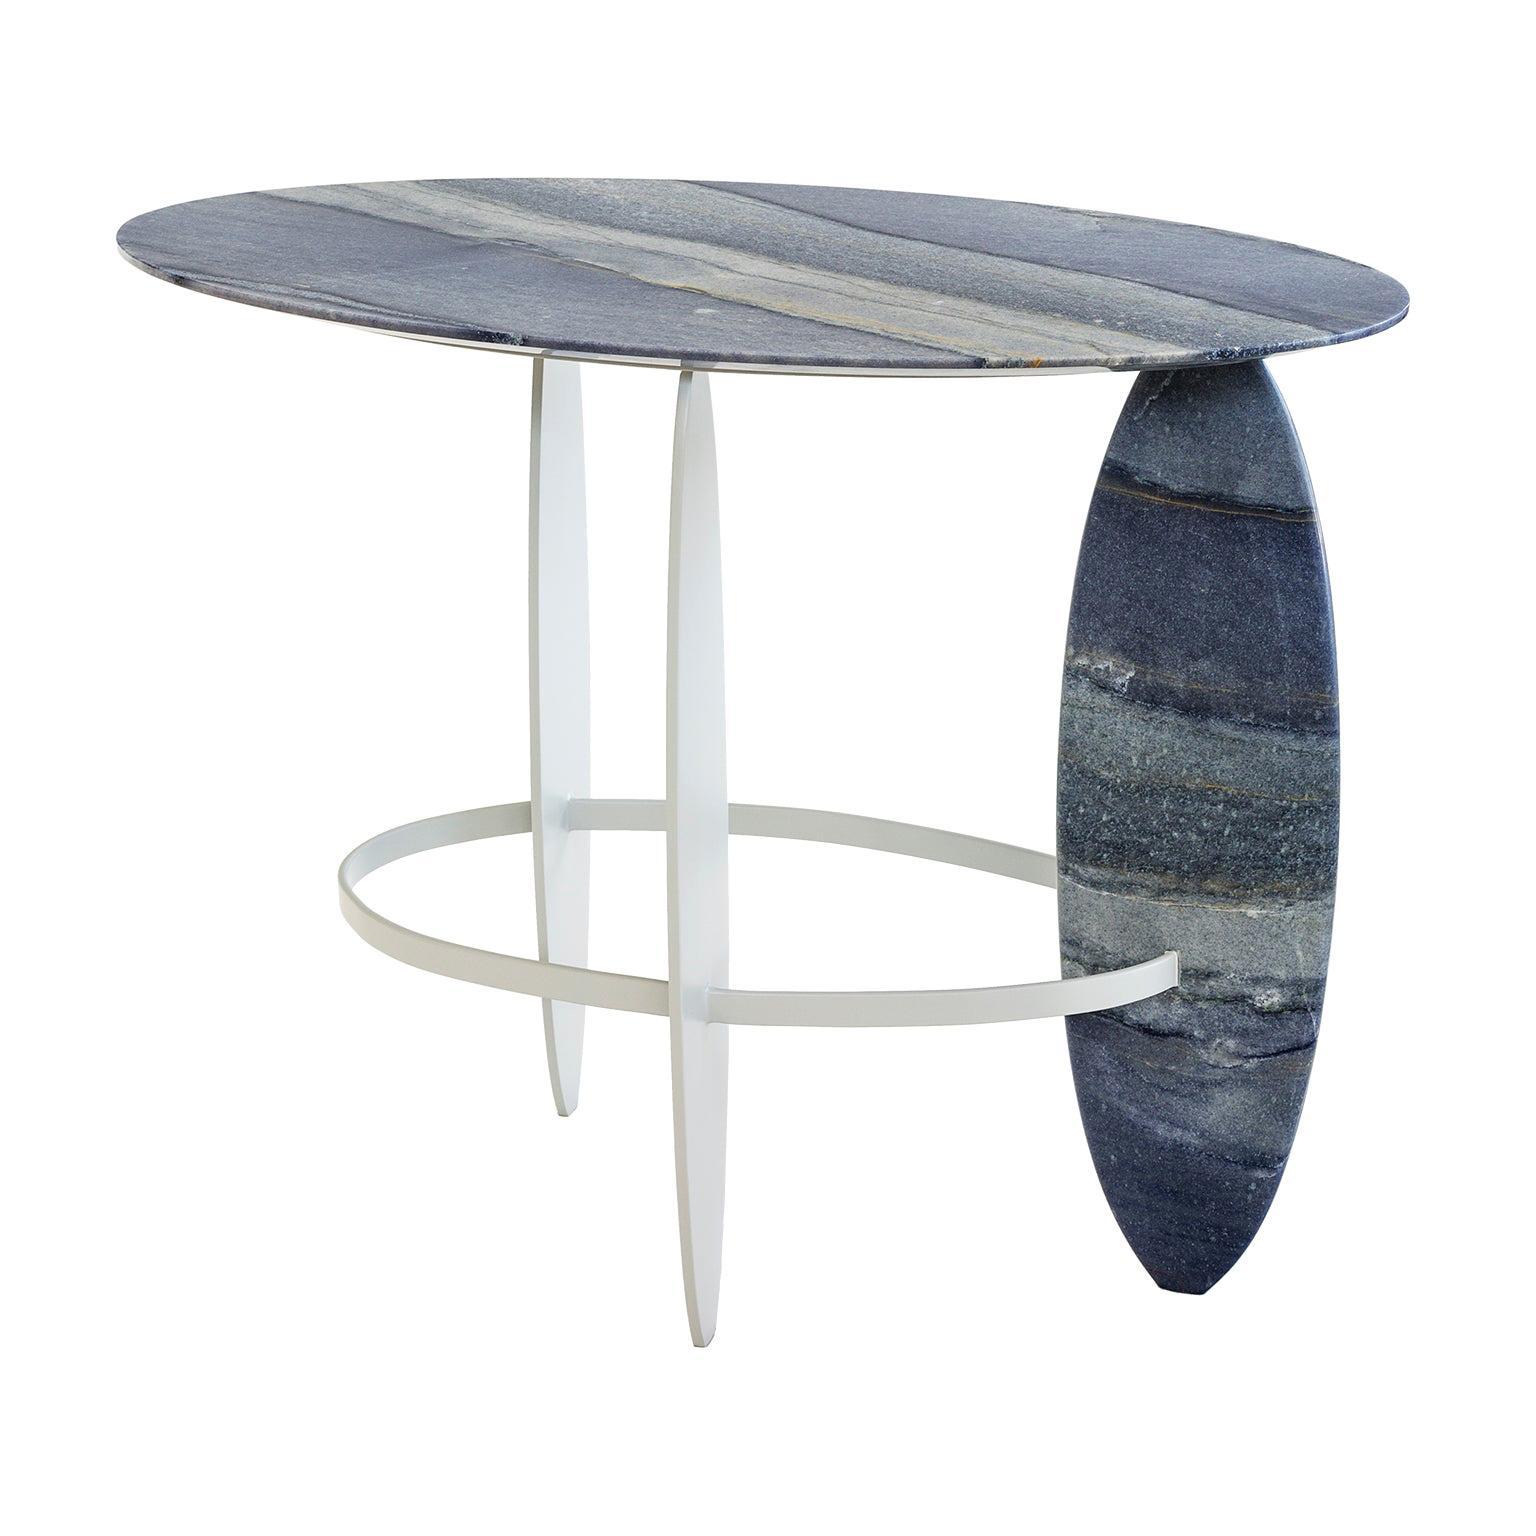 Pablina Side Table  Made of Brazilian Semi-Precious Quartzite Stone